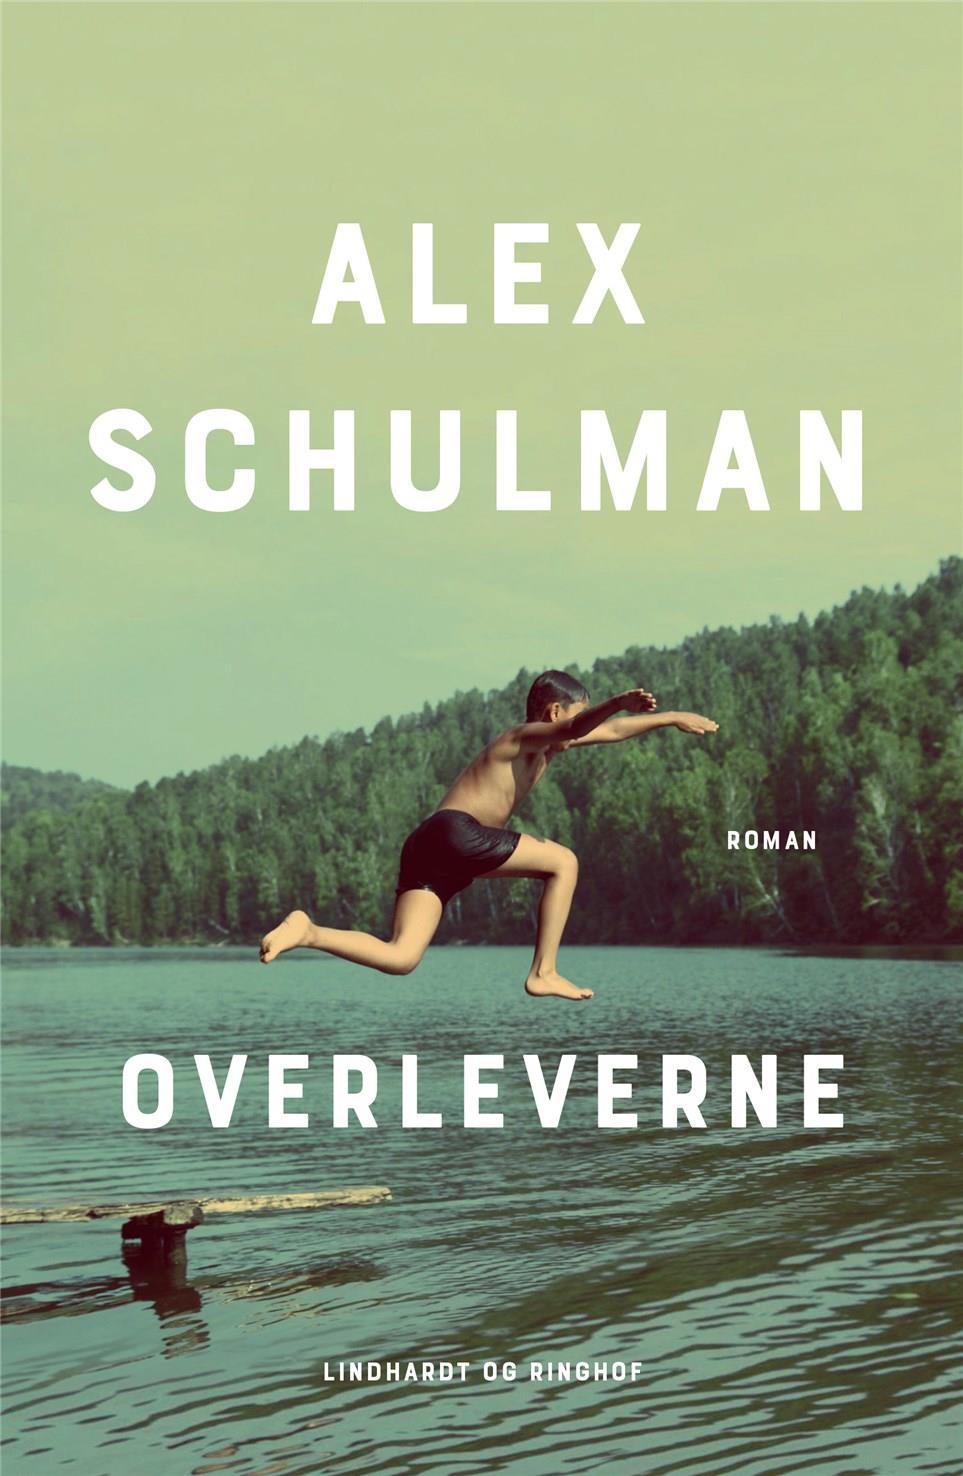 Overleverne - Alex Schulman - Bøger - Lindhardt og Ringhof - 9788711991114 - April 6, 2021